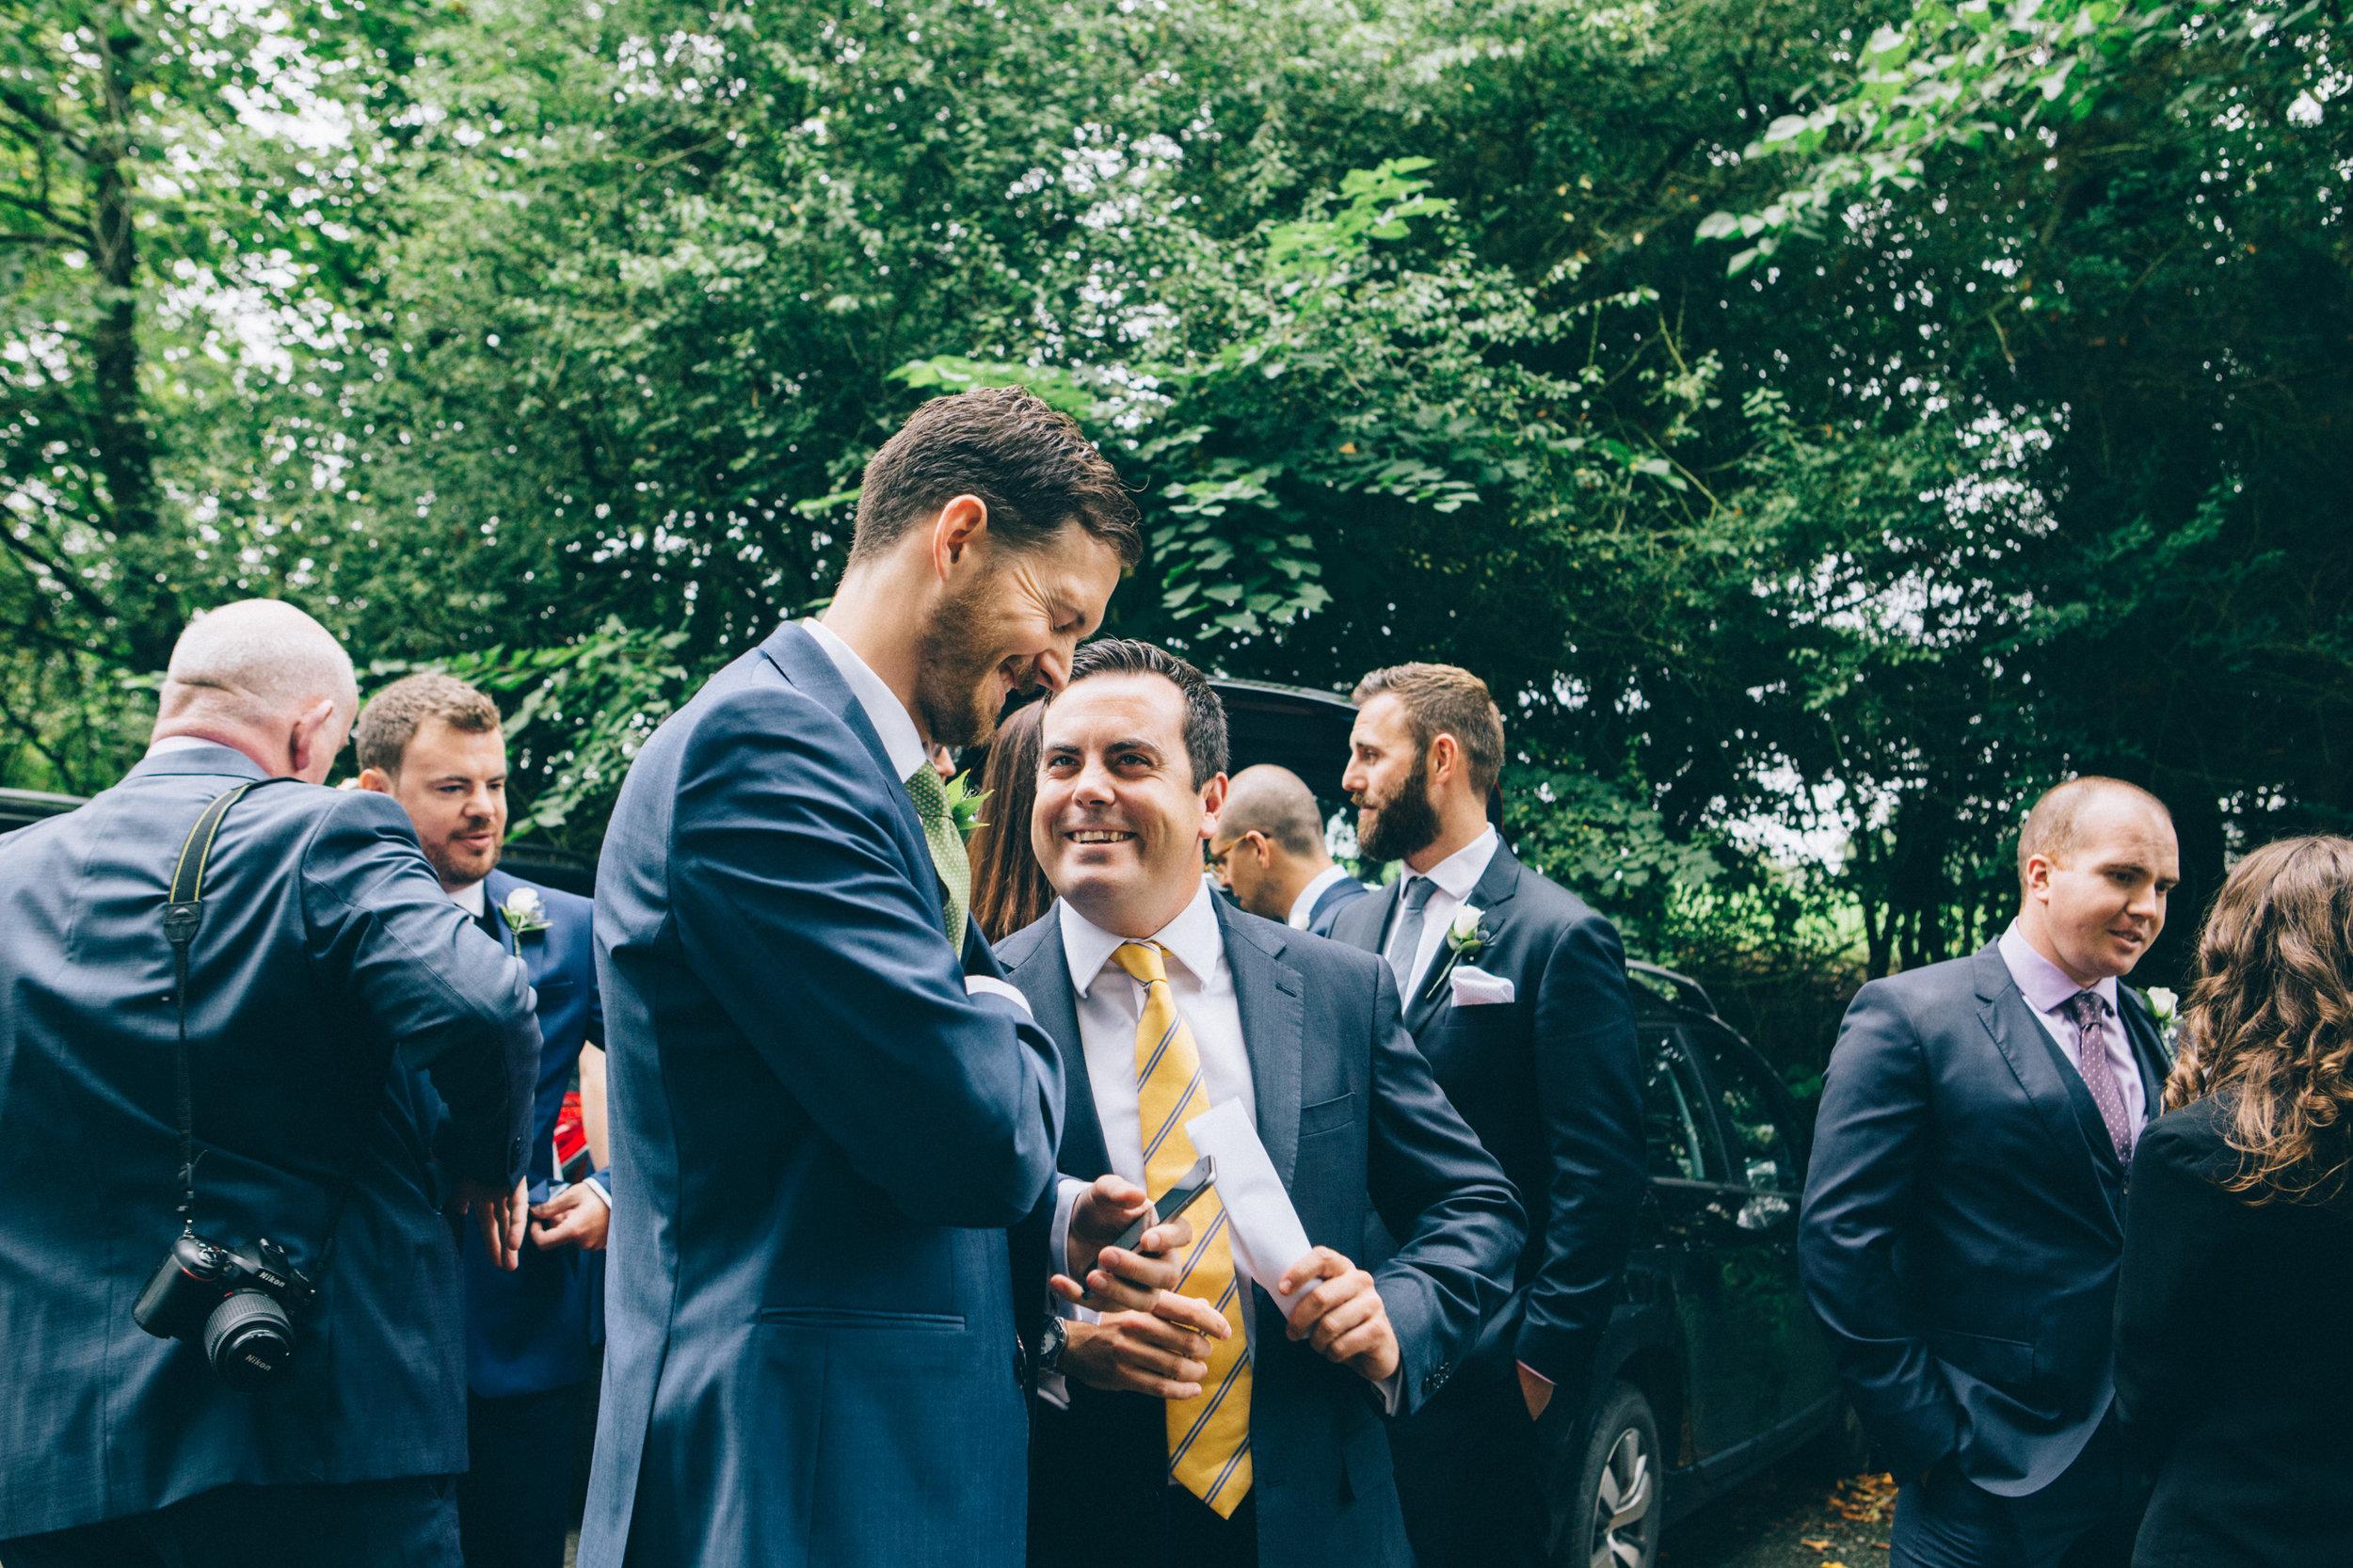 uk wedding photographer artistic wedding photography-35.jpg